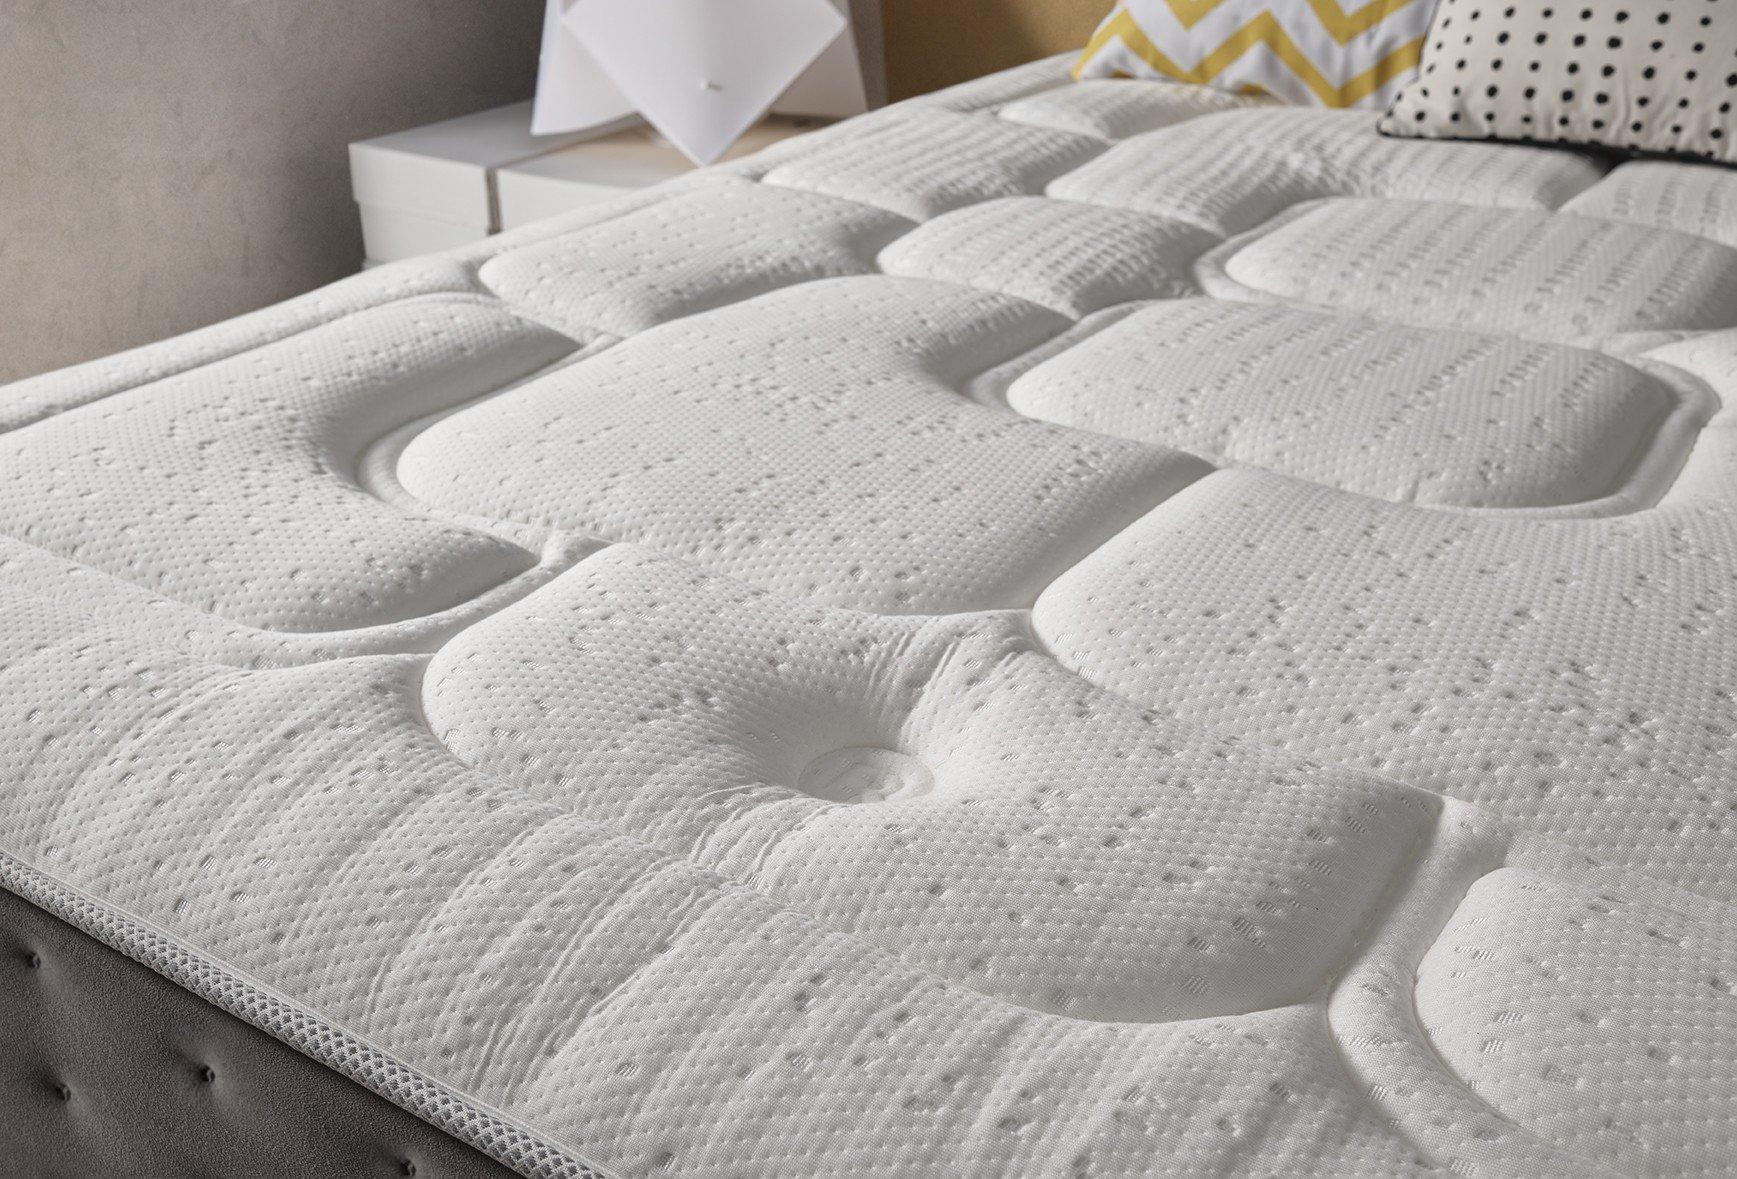 Gran Relax Materassi.Living Sofa Materasso Simpur Relax Grande Confort Royal Memory Grafene 120x190 Iperconduttivo Alto 30 Cm Materassi Di Gamma Alta 3 0